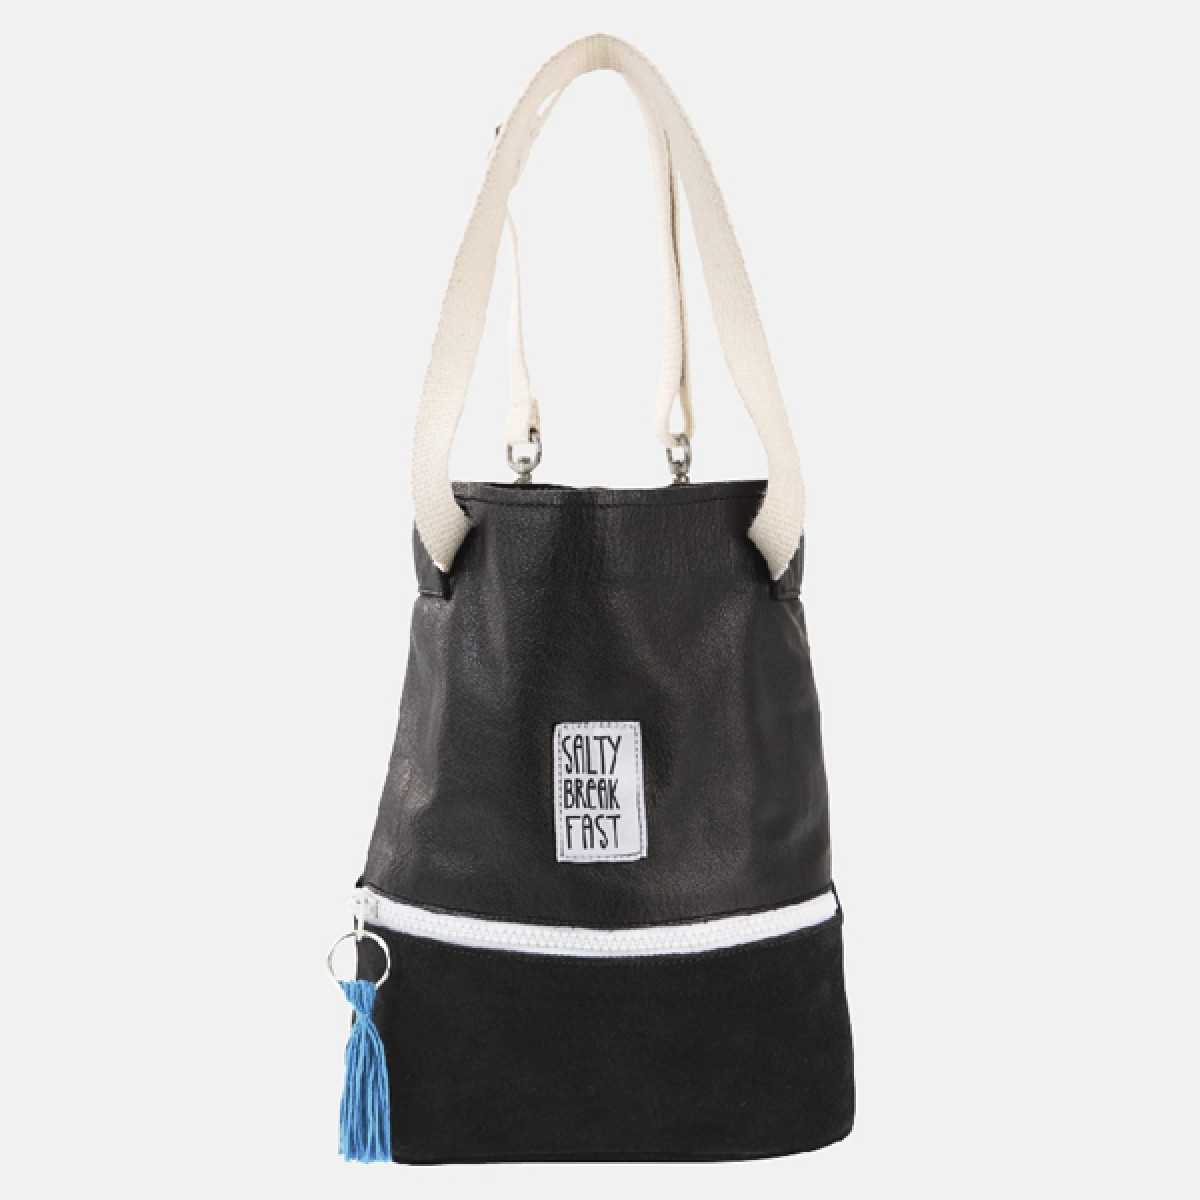 Miss Salty_Kleiner Leder Rucksack/ Tasche